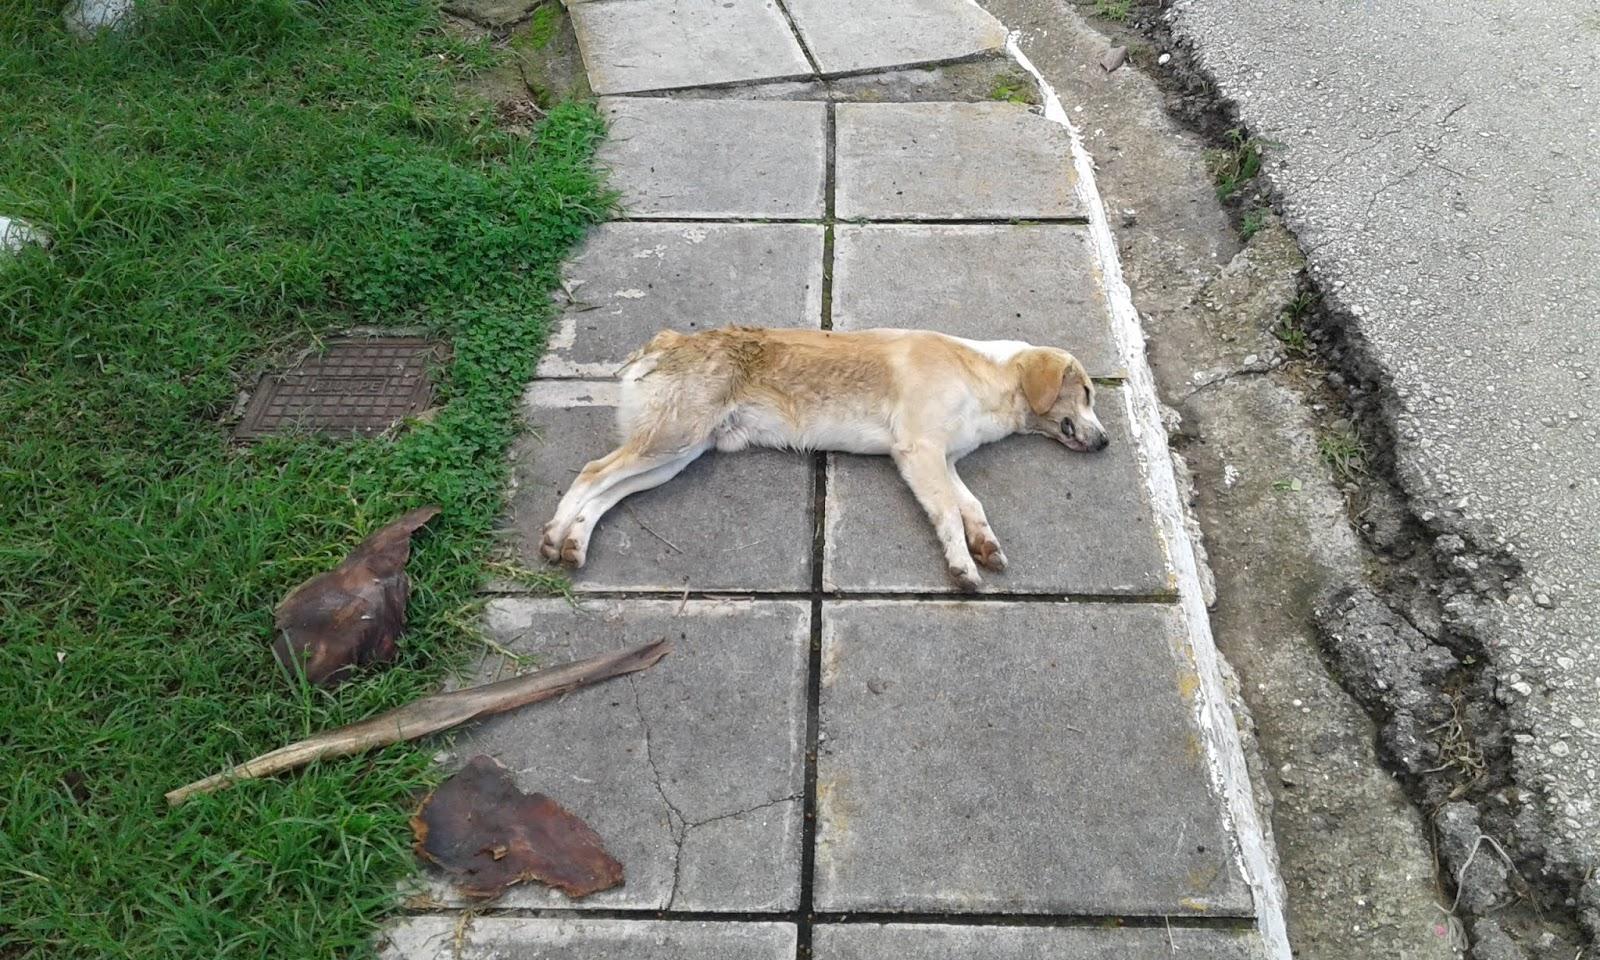 Κάστρο Κυλλήνης: Φρίκη χωρίς τέλος καθώς δολοφόνησαν με φόλα και άλλο σκυλί (Photo)